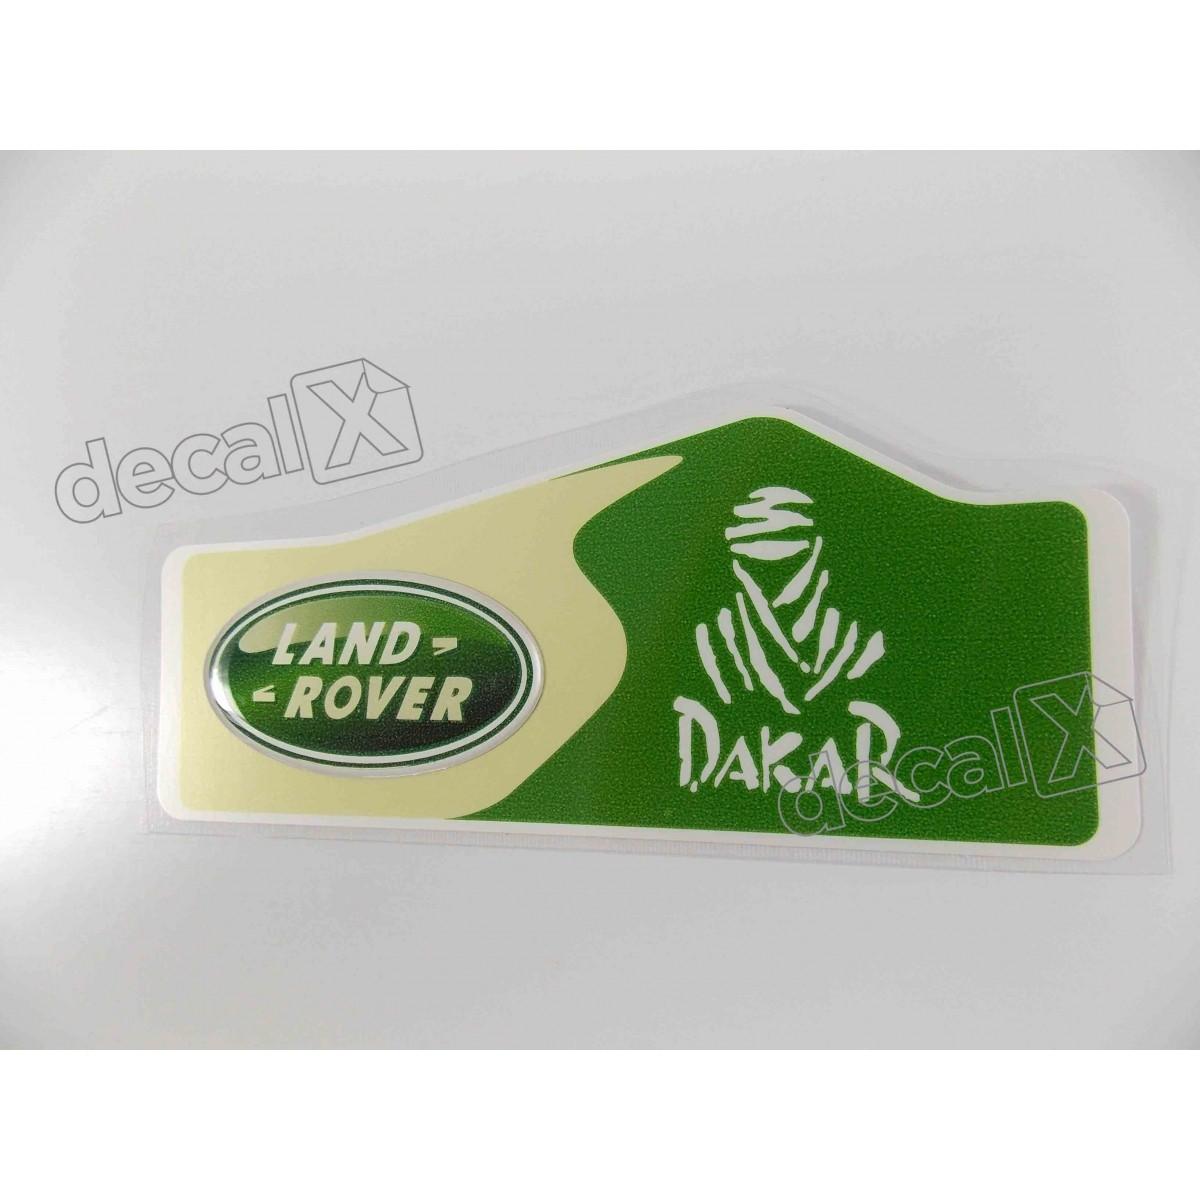 Emblema Adesivo Resinado Land Rover Dakar 4,8x12cm div2